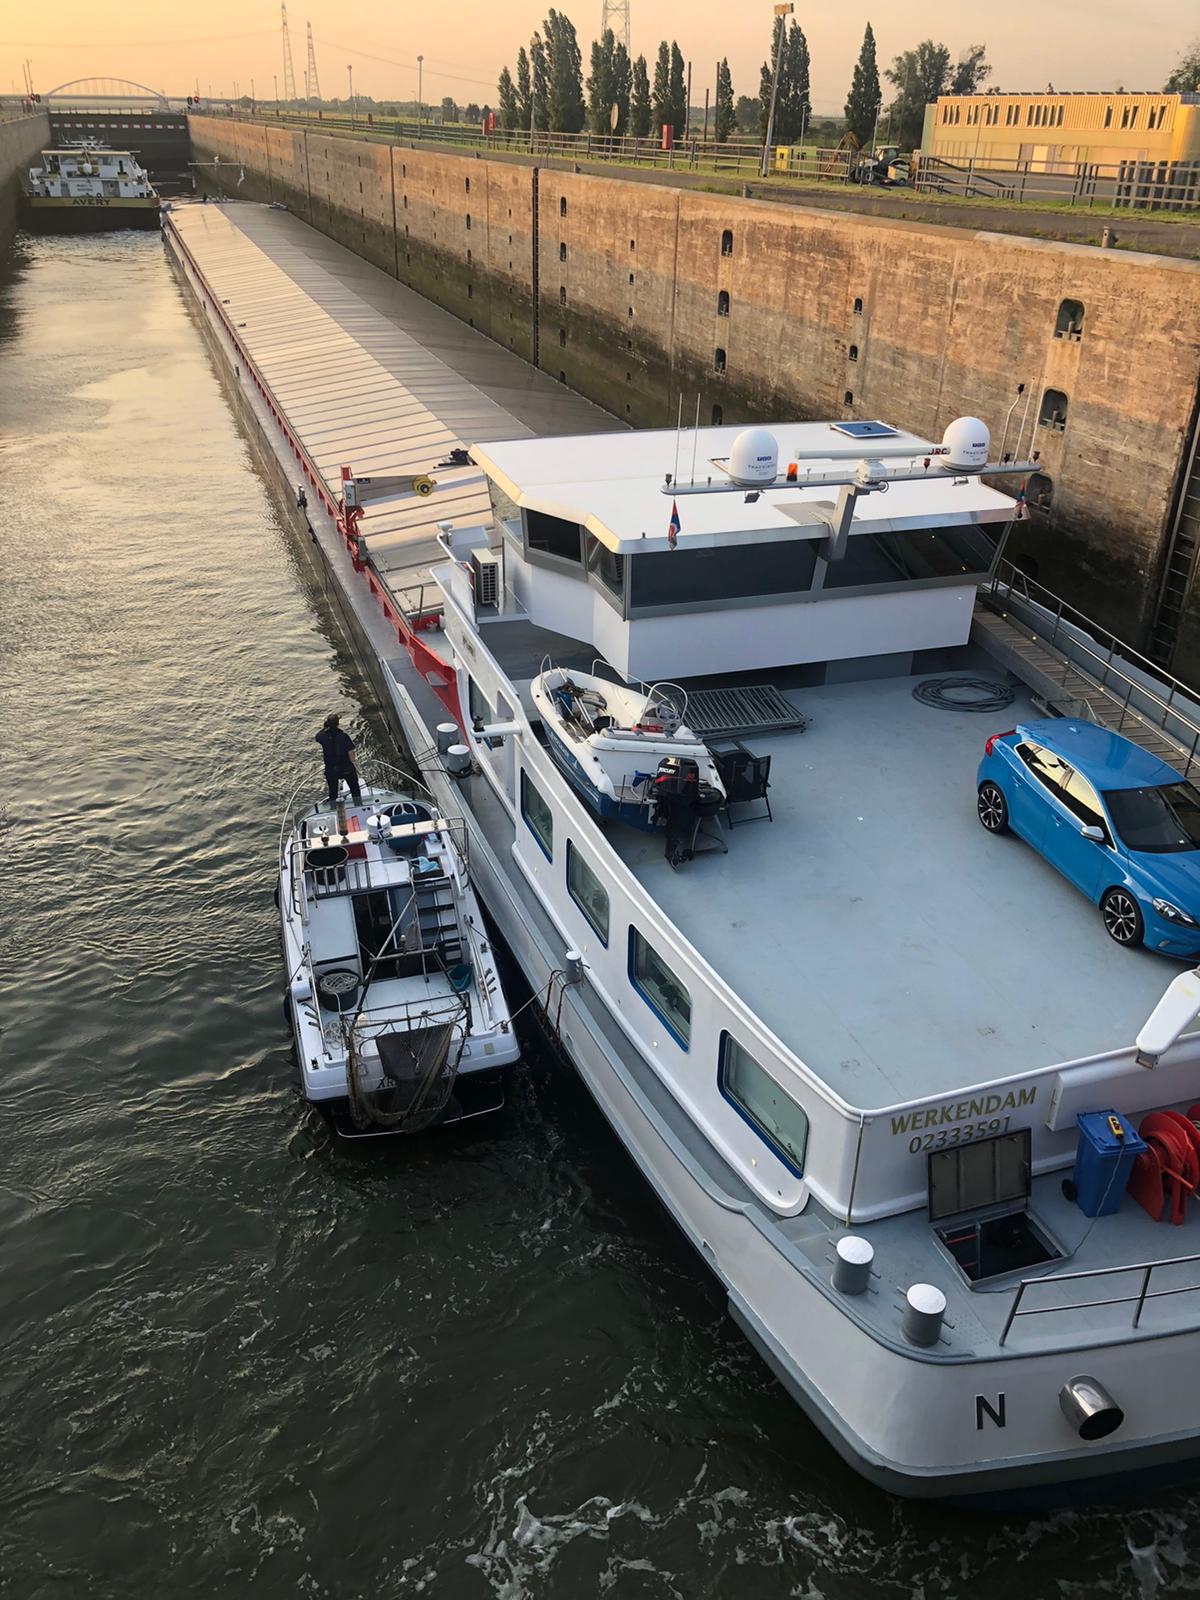 De helpende hand toereiken kostte de Jolina een half uur extra. 'Niets op een mensenleven', zegt schipper Wim van Driel. (Foto Wim van Driel)